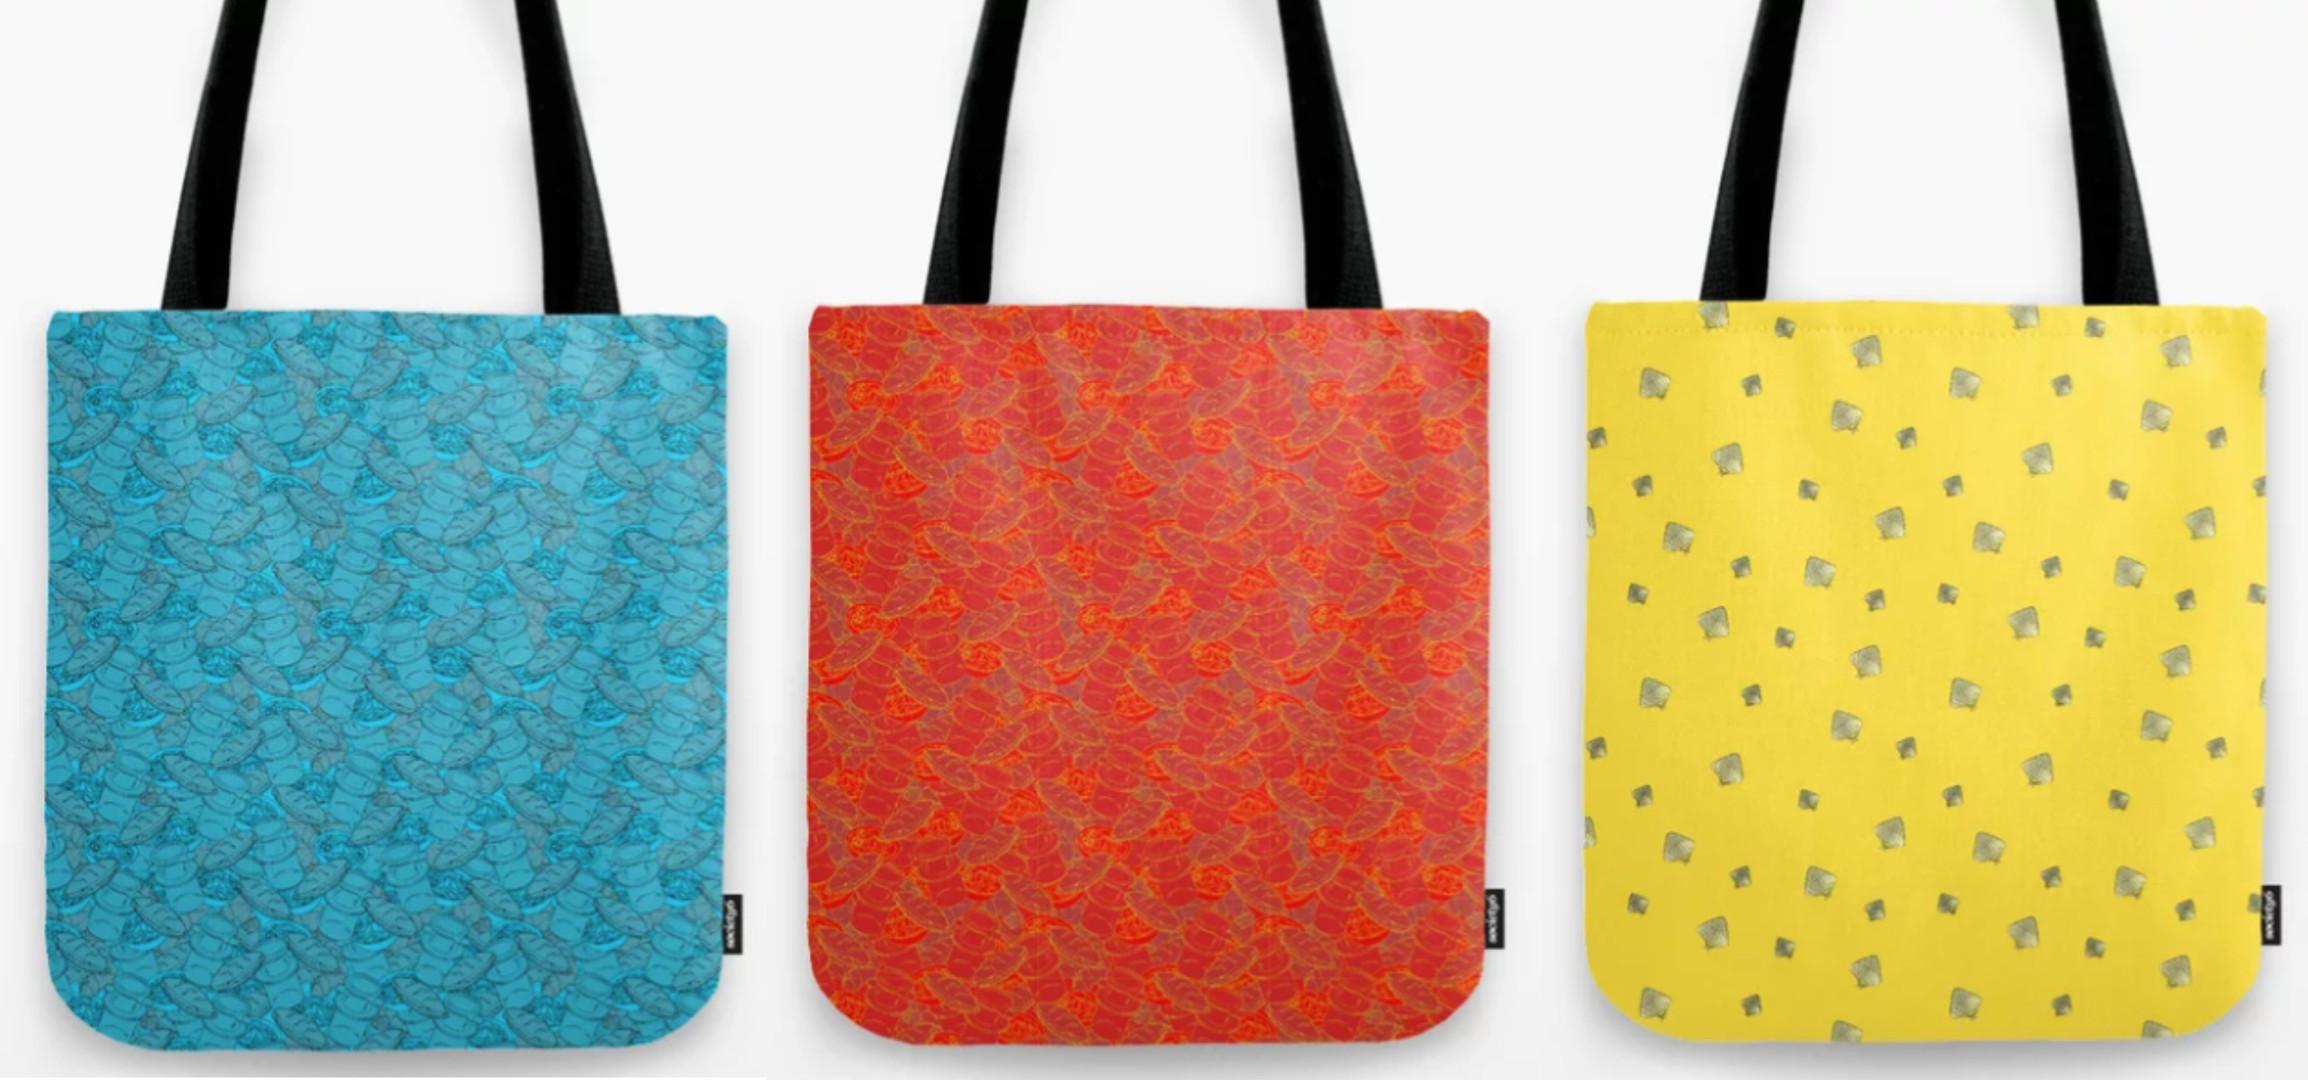 Tote Design in 3 Colors